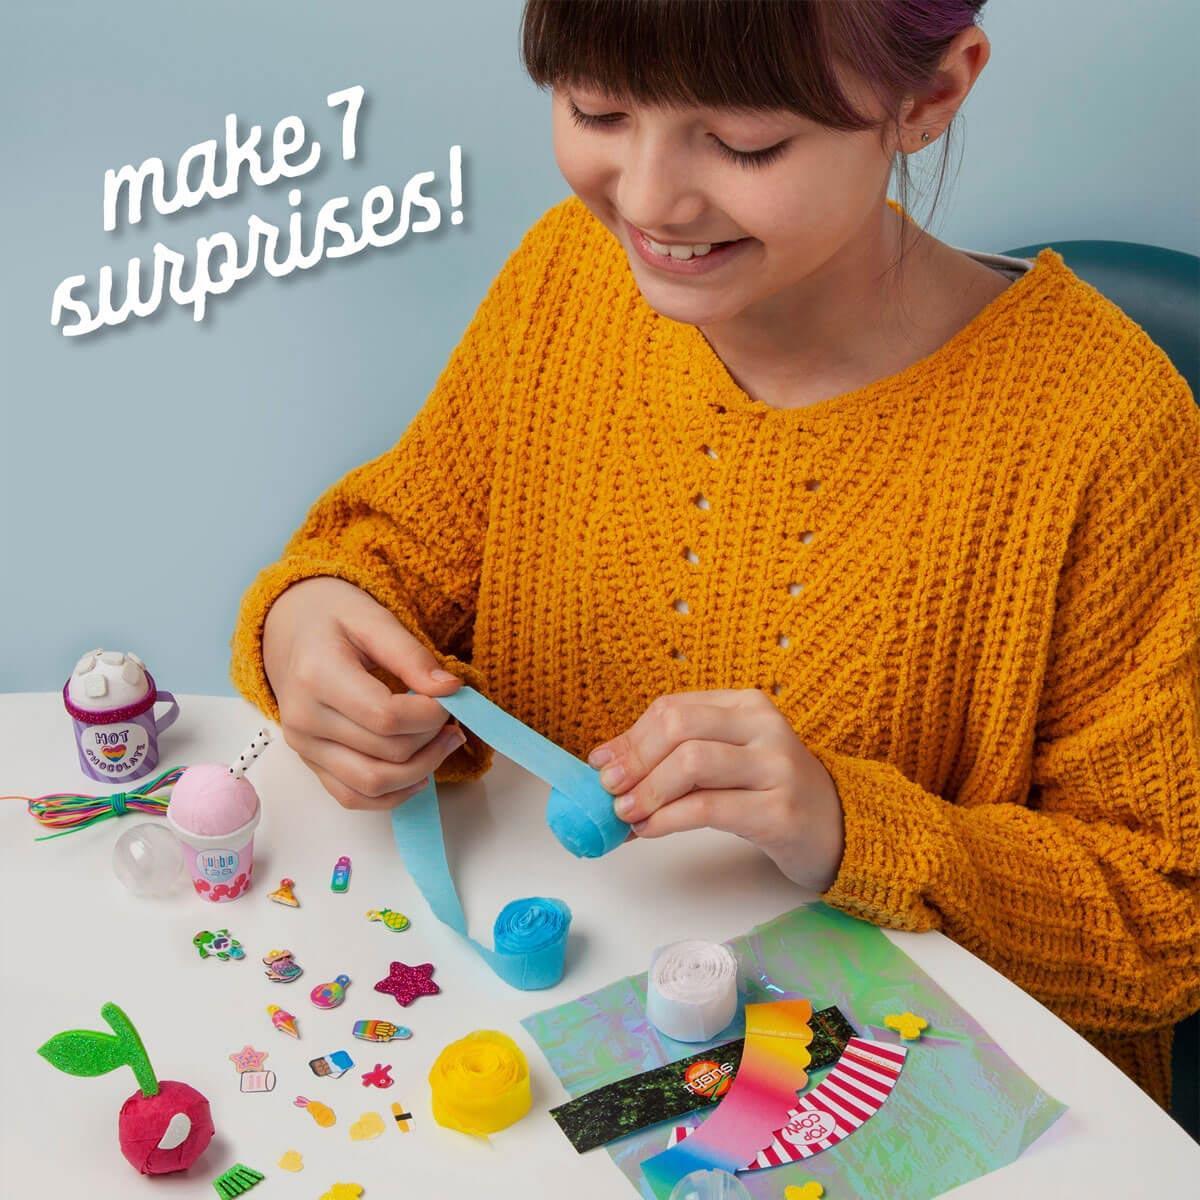 Craft-tastic Mini Surprise Balls Ki